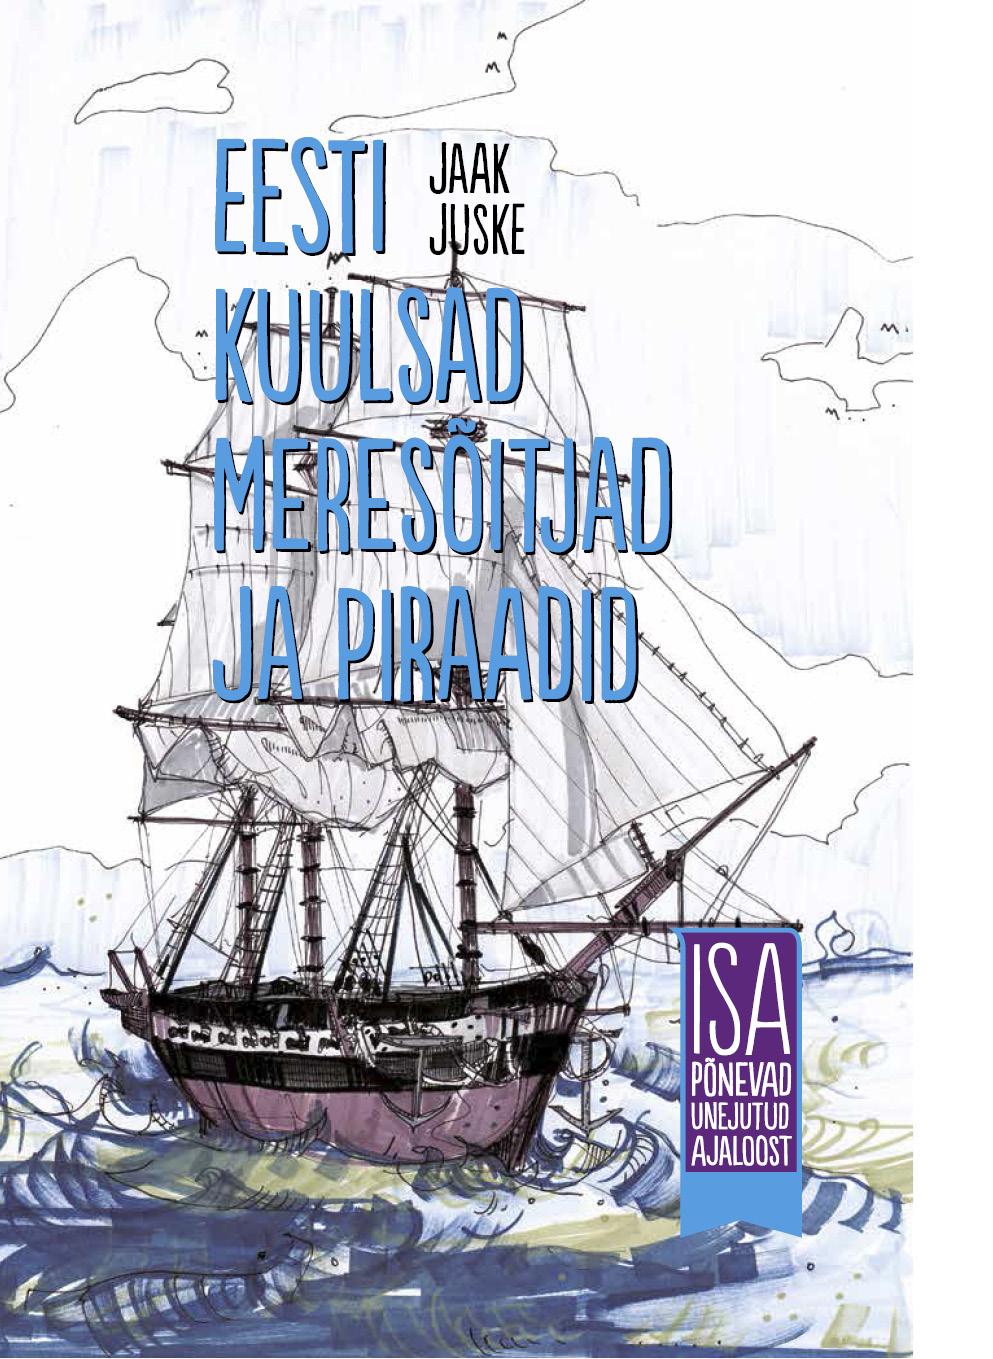 Eesti kuulsad meresõitjad ja piraadid. Isa põnevad unejutud ajaloost